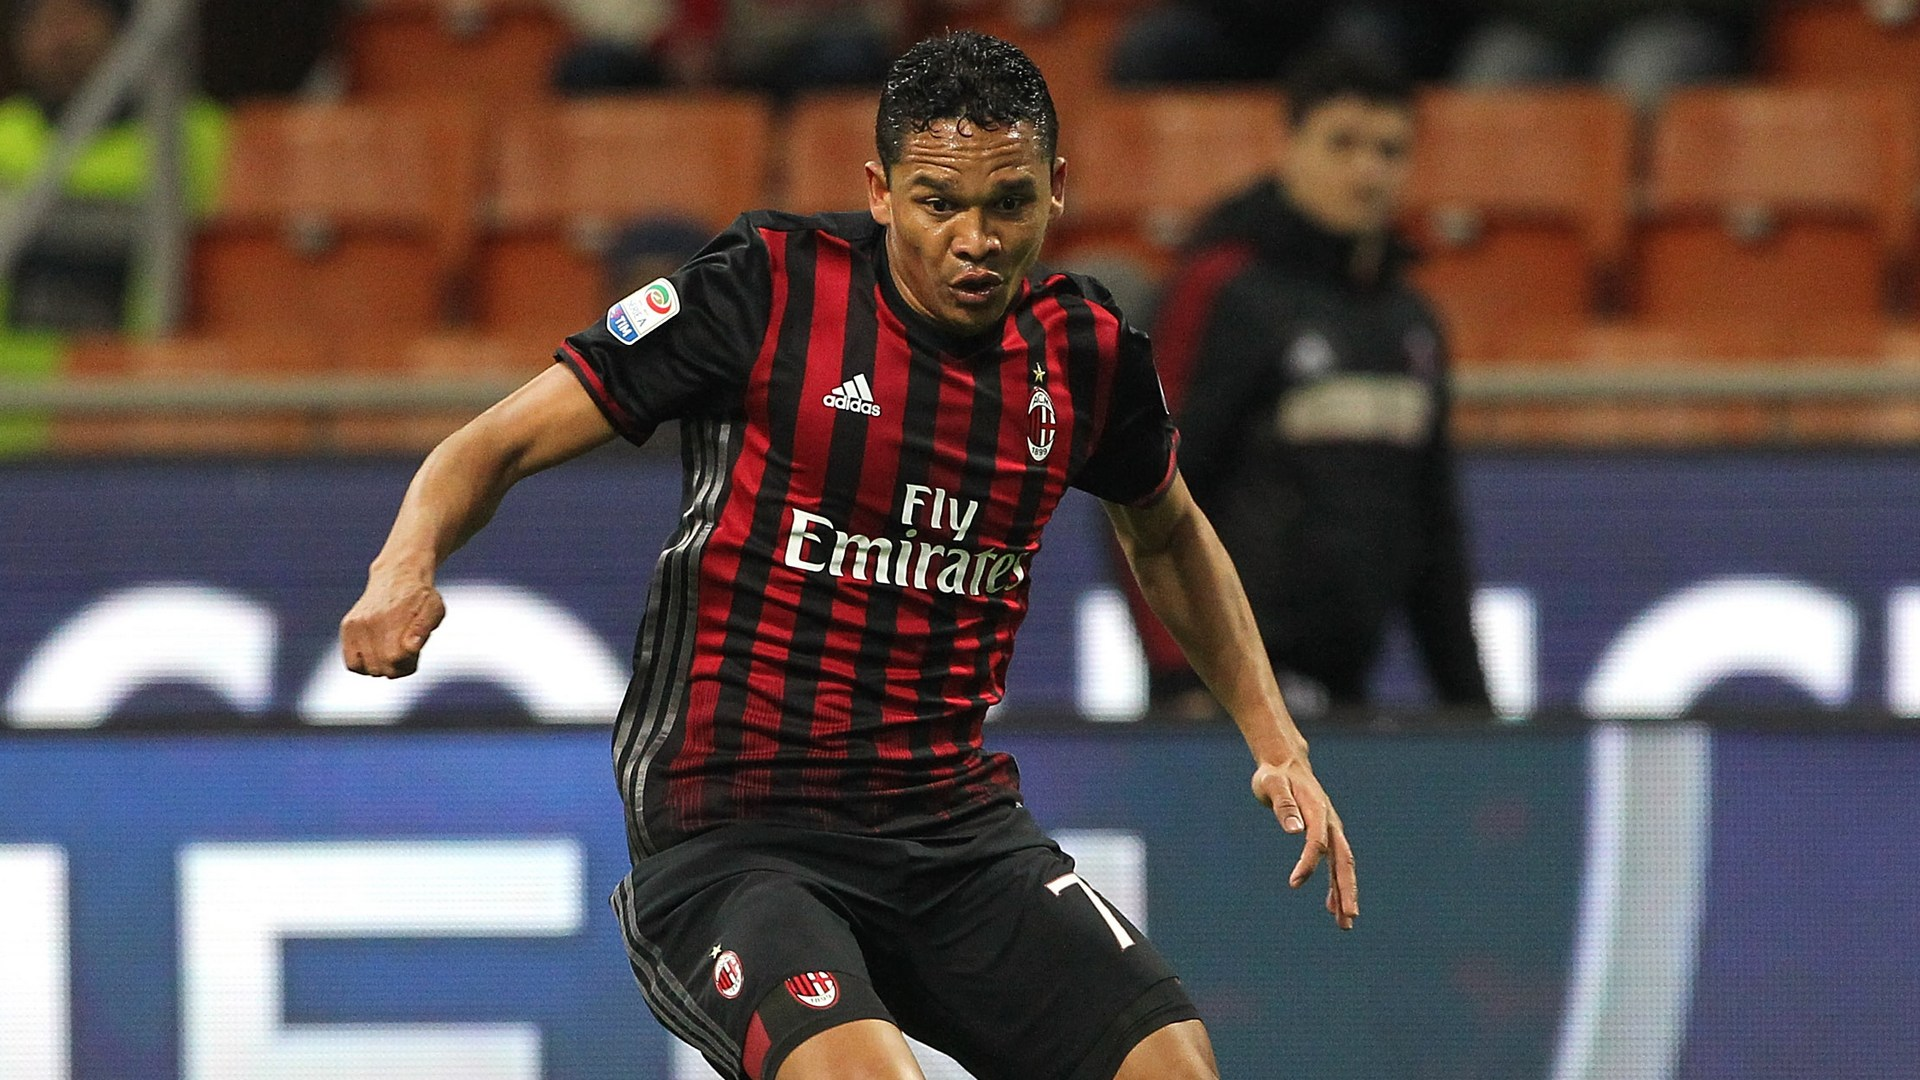 Calciomercato Milan, si attende offerta per Bacca. Tentativo per D. Costa-Sanches